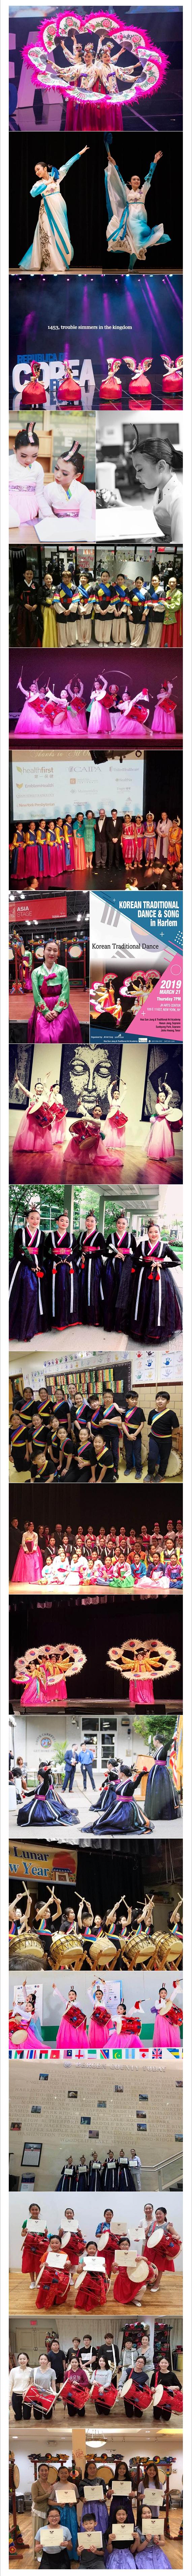 정혜선 한국 전통 예술원 (뉴저지 무용학원,뉴저지 한국무용,뉴욕 무용학원,뉴욕 한국무용)